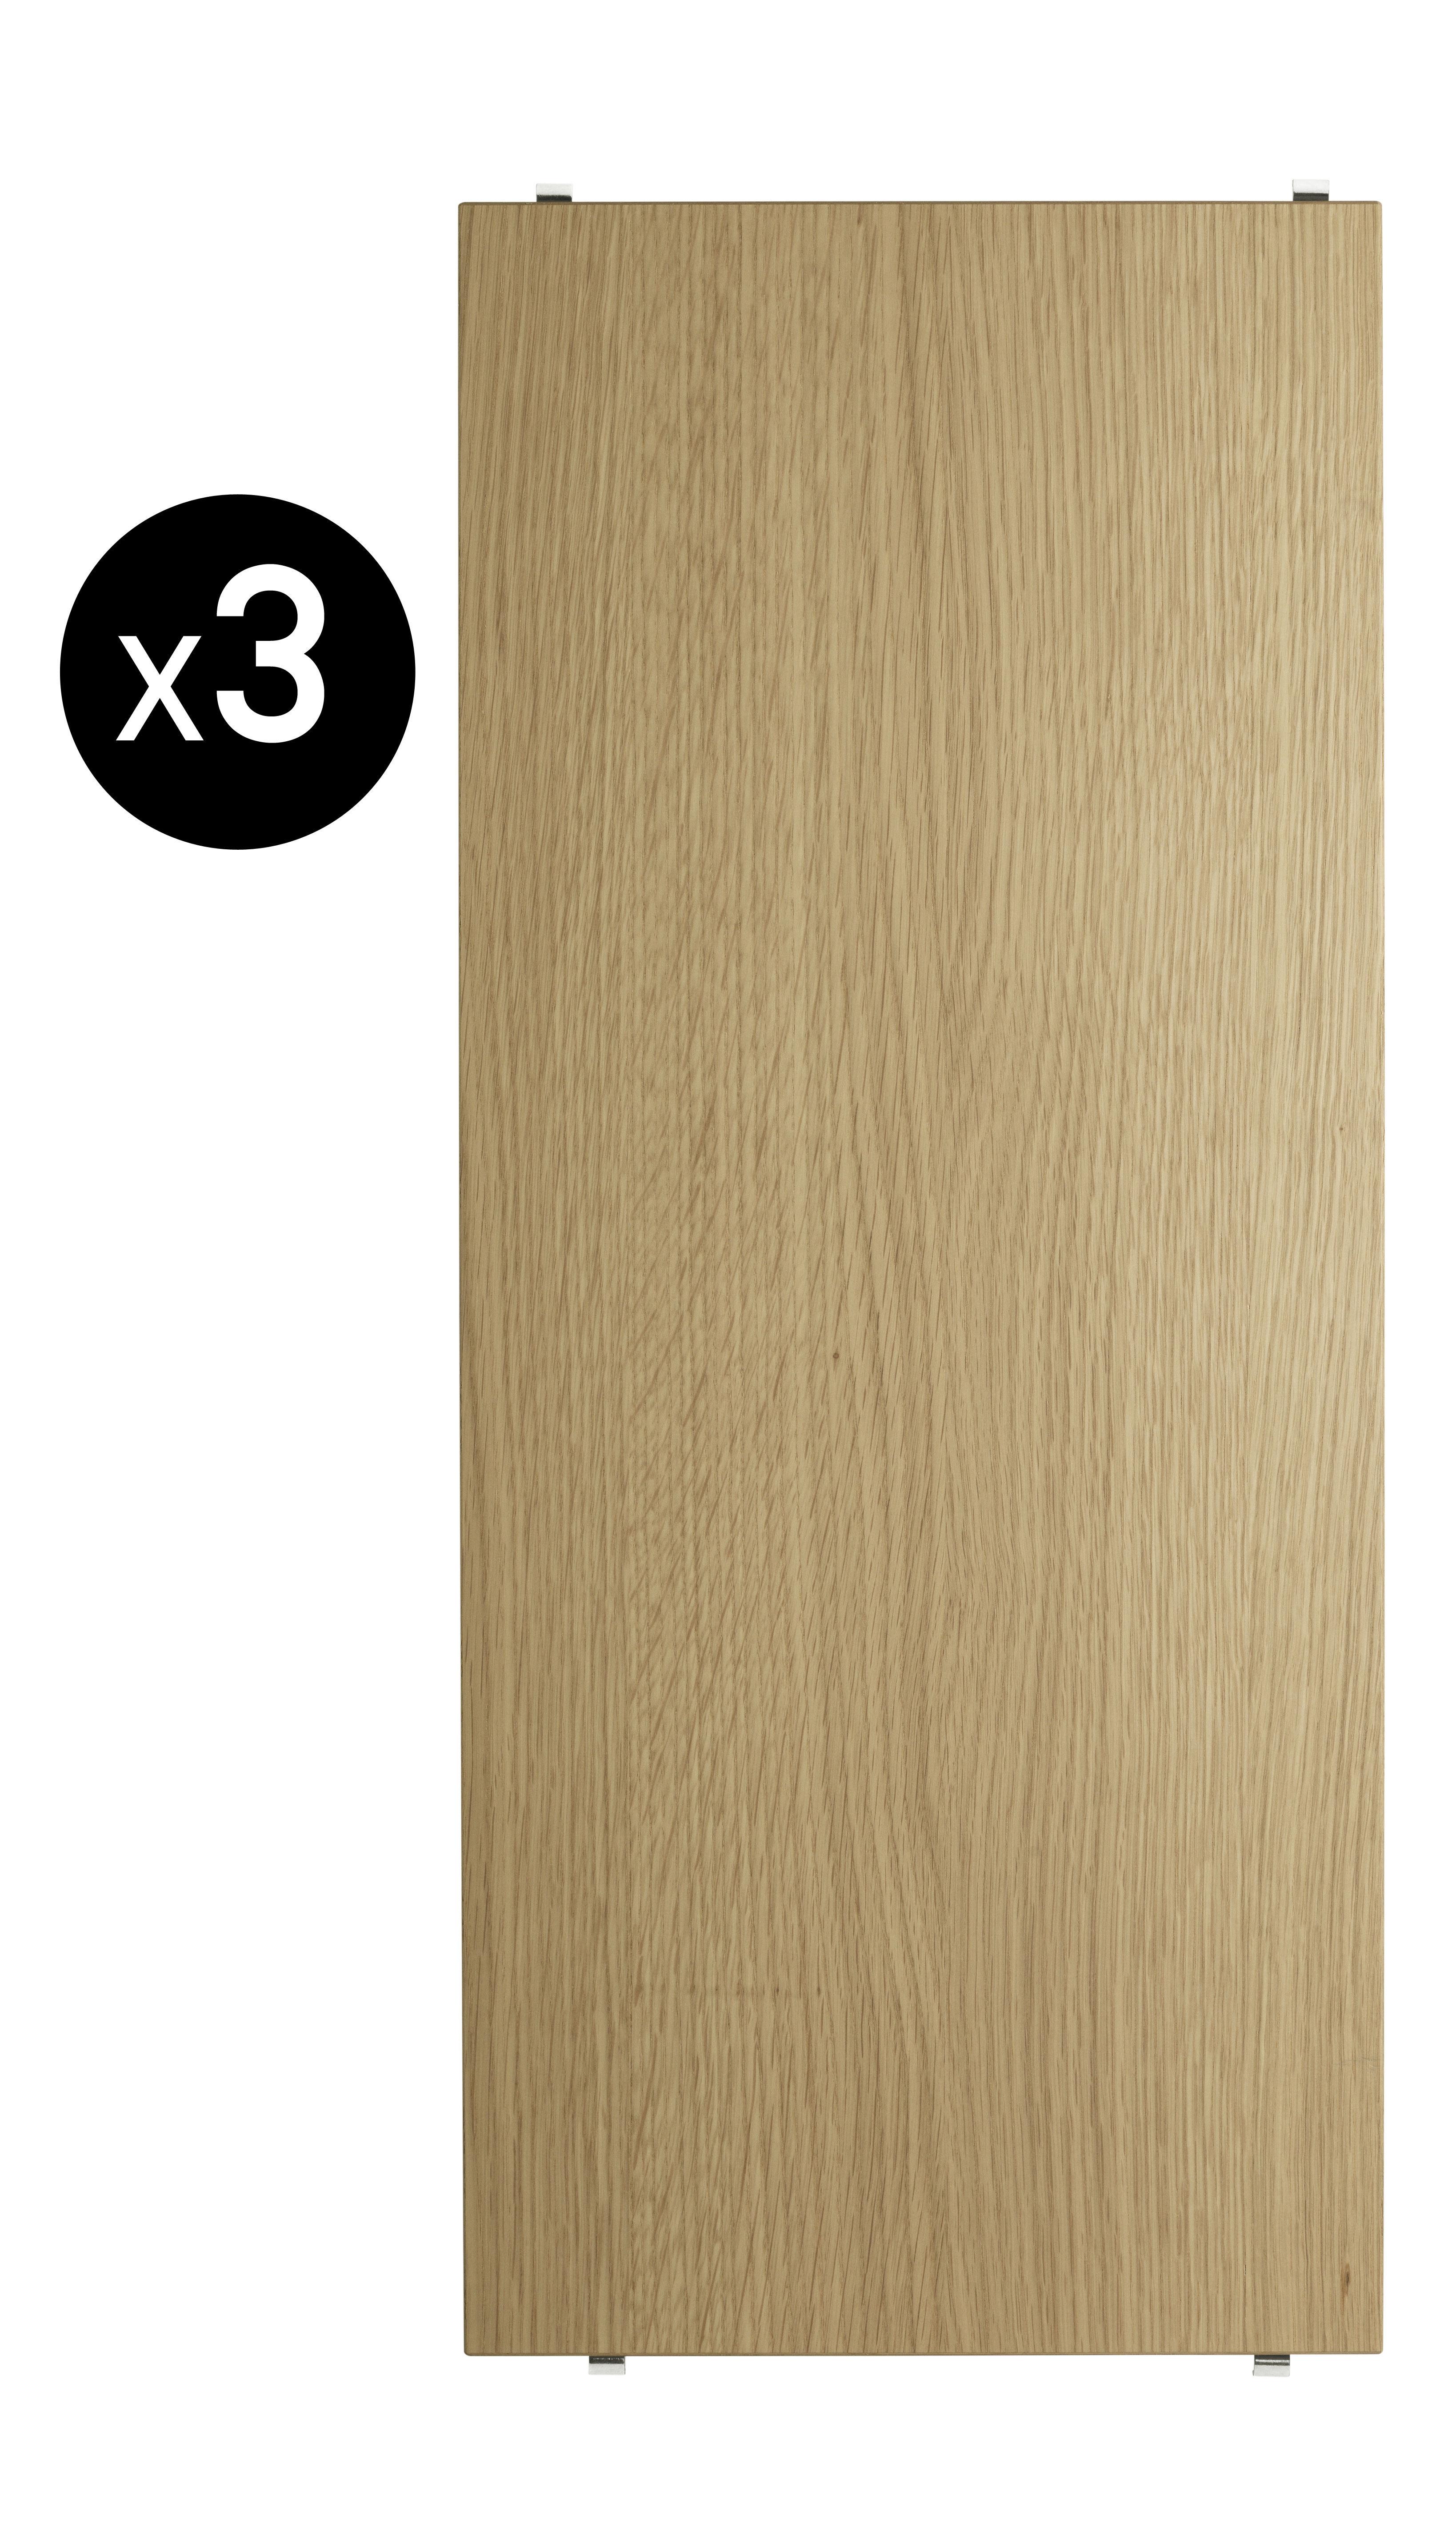 Furniture - Bookcases & Bookshelves - String System Shelf - L 58 cm / Set of 3 by String Furniture - Oak - Oak plywood